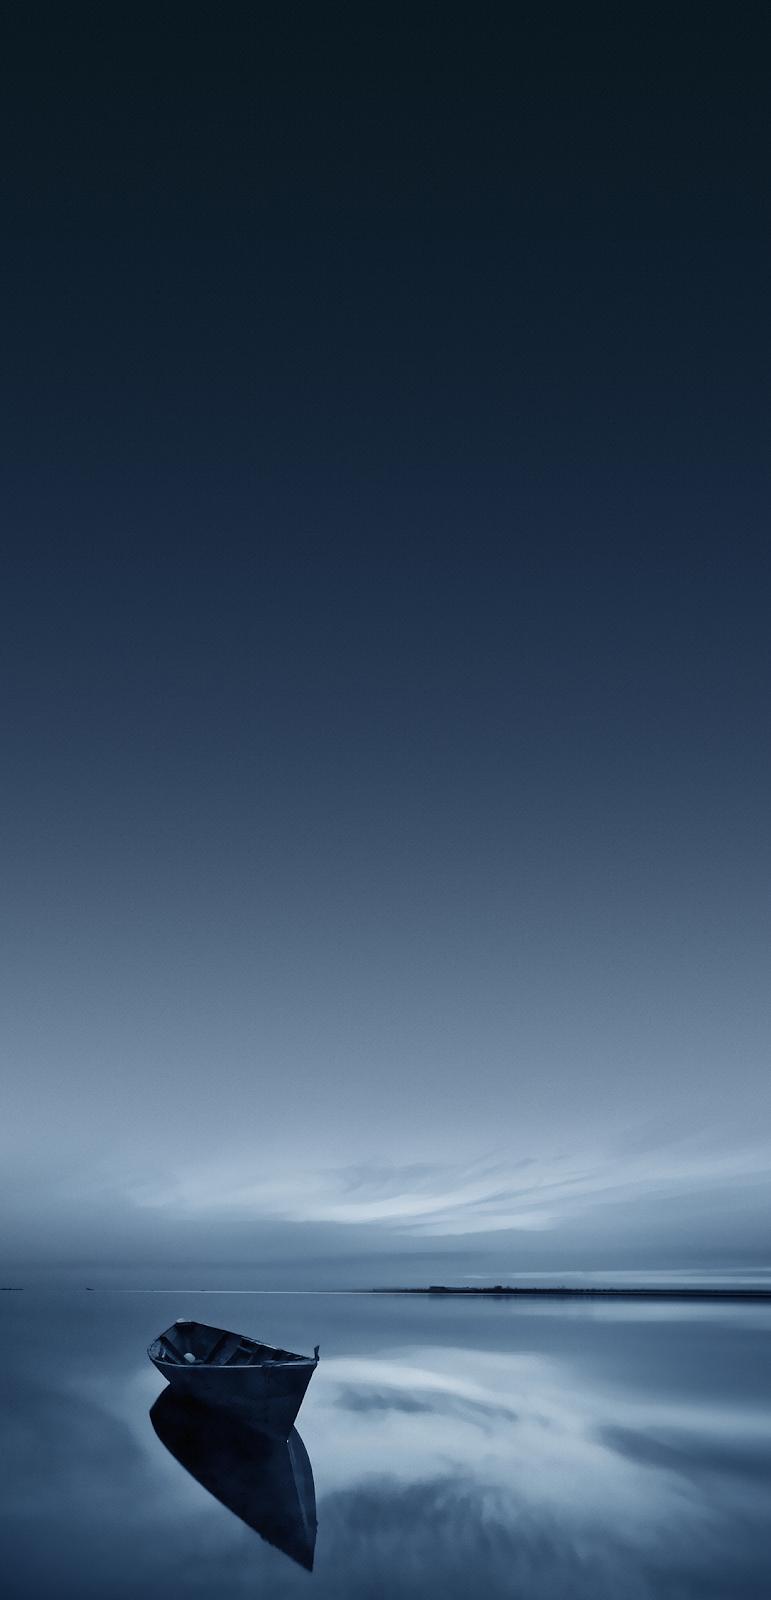 Download 1000+ Wallpaper Bergerak Untuk Vivo HD Gratis